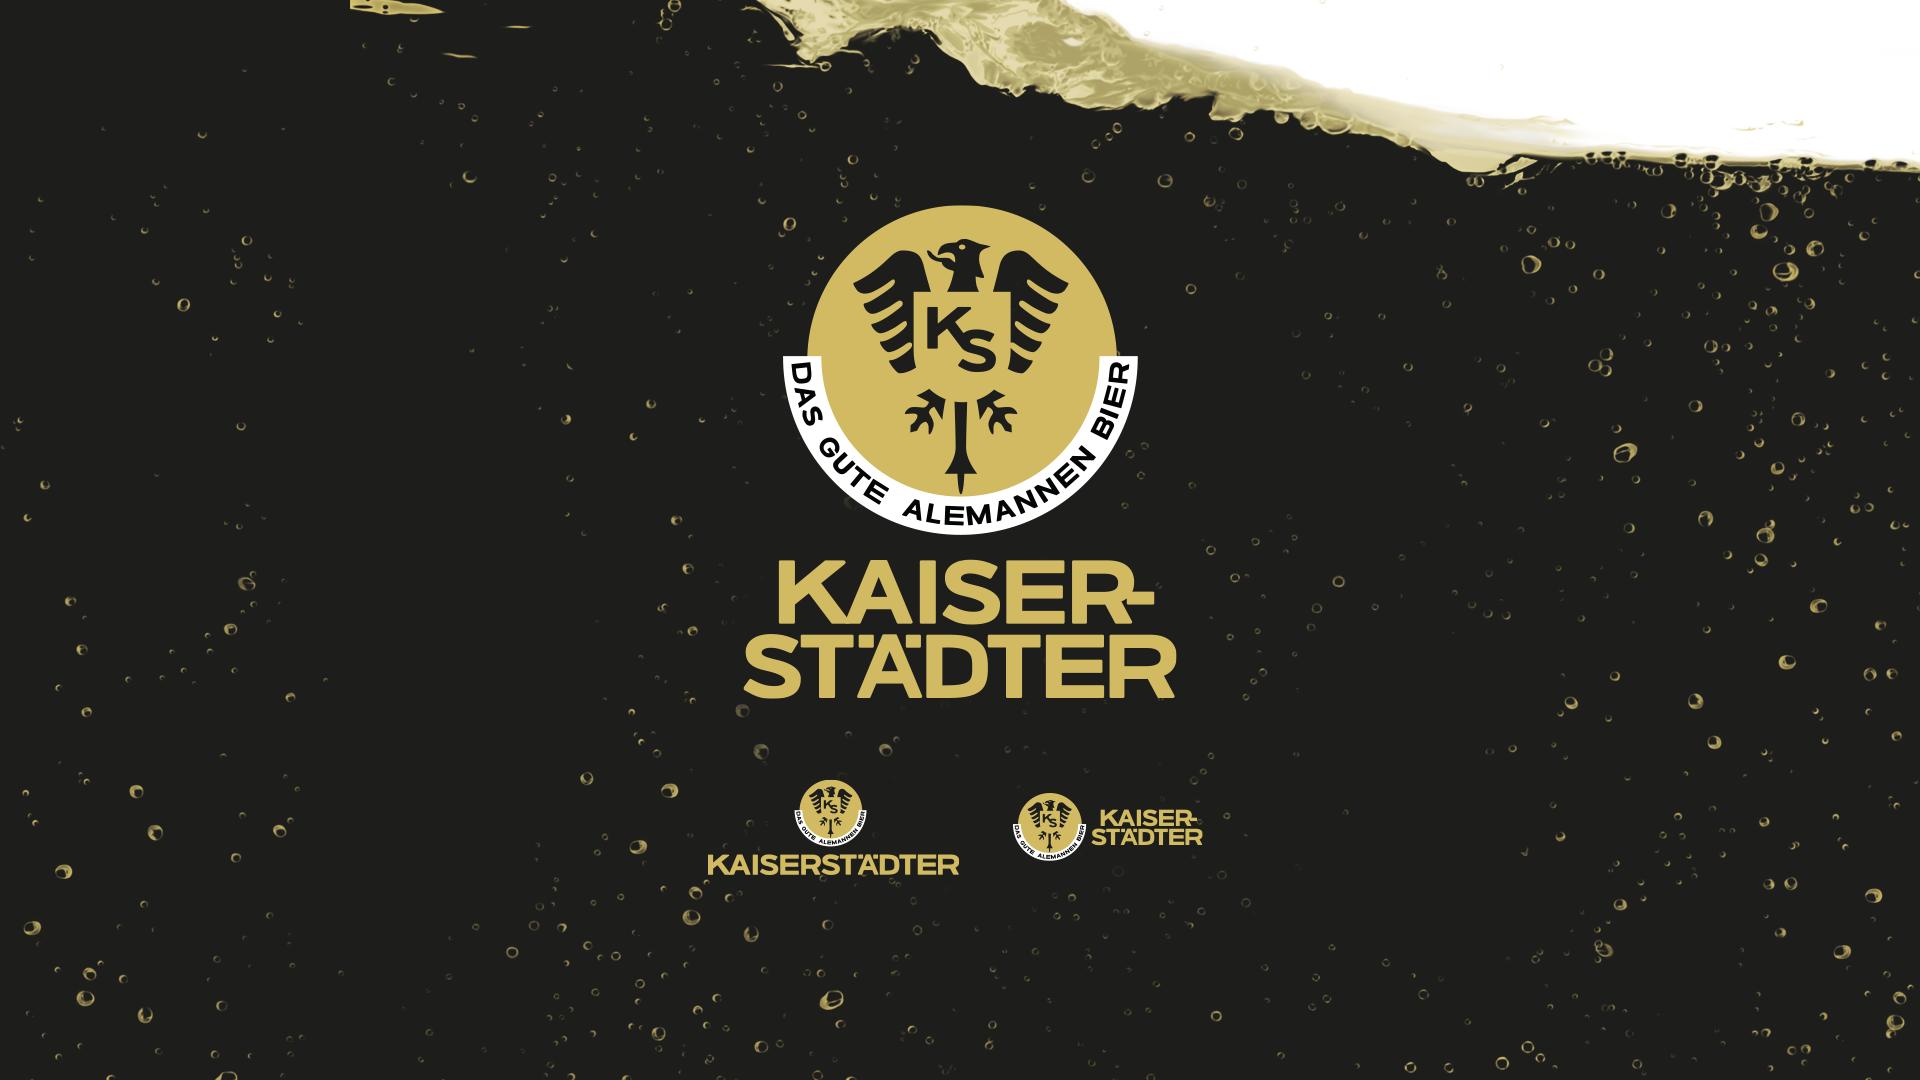 Verschiedene Varianten des Kaiserstädter Logos.